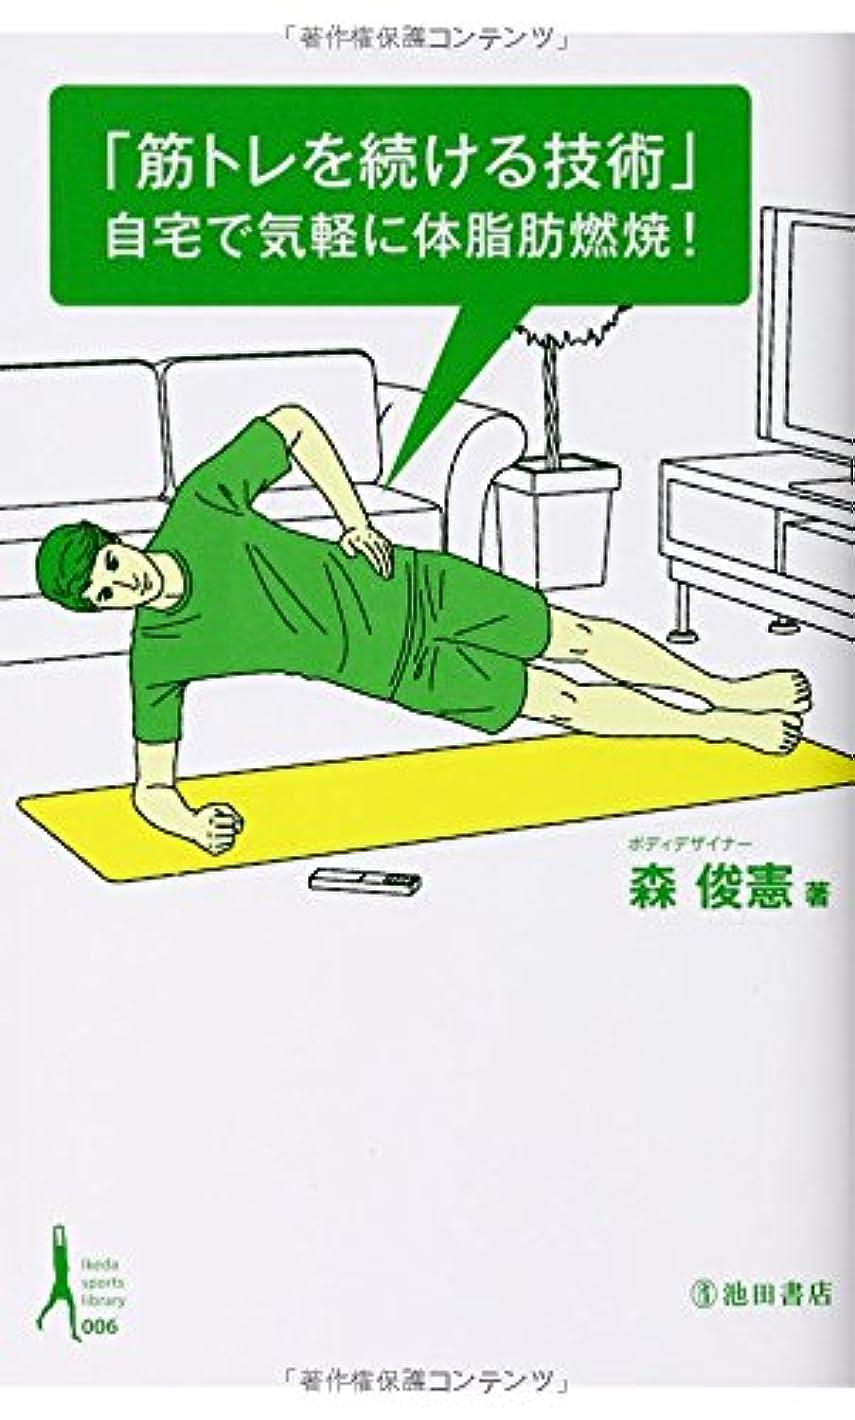 原子追加抑圧する筋トレを続ける技術-自宅で気軽に体脂肪燃焼 (Ikeda sports library)